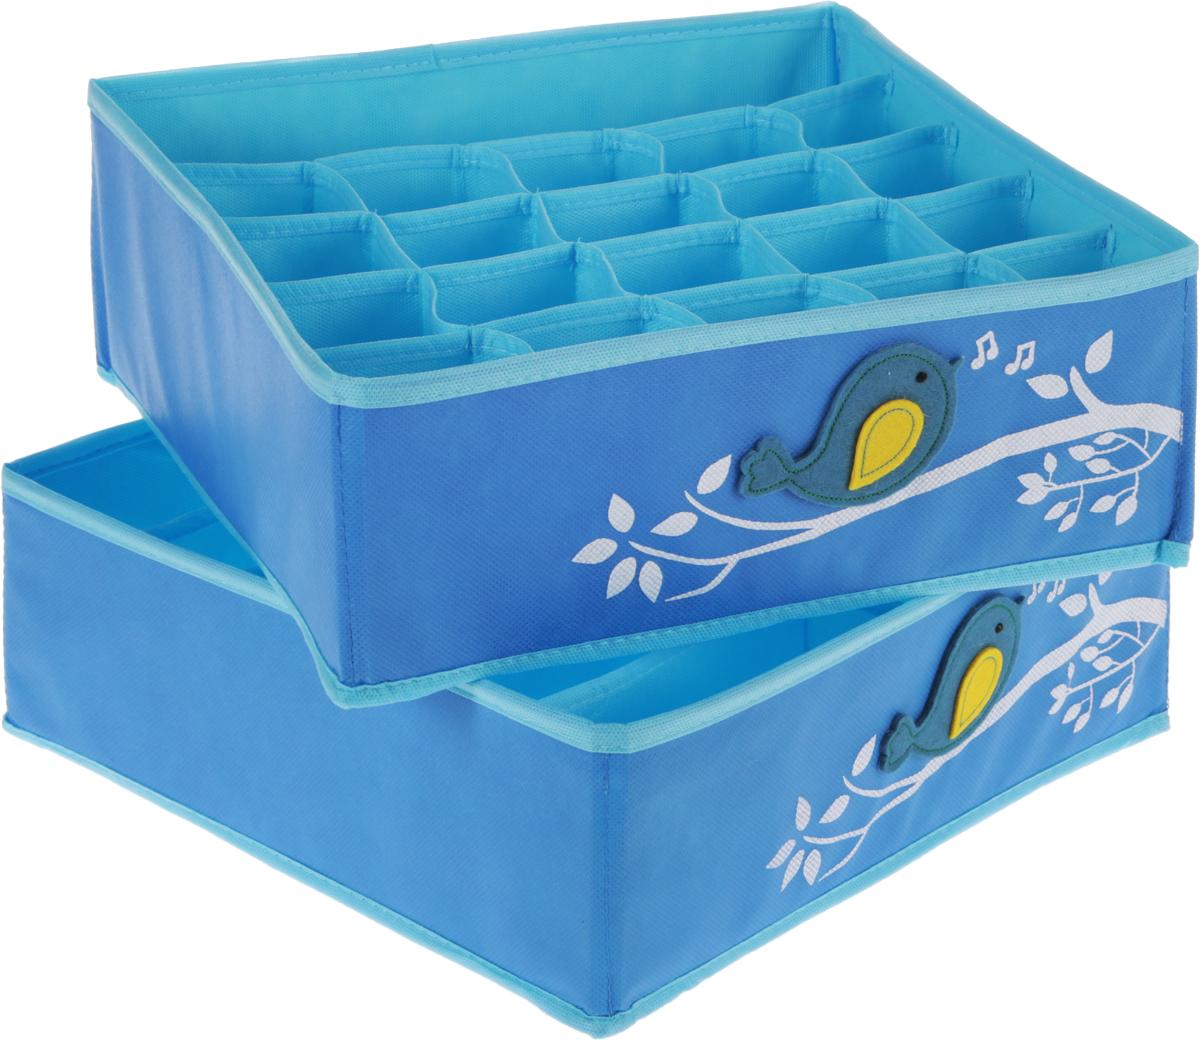 Набор органайзеров для детского белья Все на местах Чик-Чирик, детский, цвет: голубой, 2 шт ваза mughal l 20 х 20 х 30 см